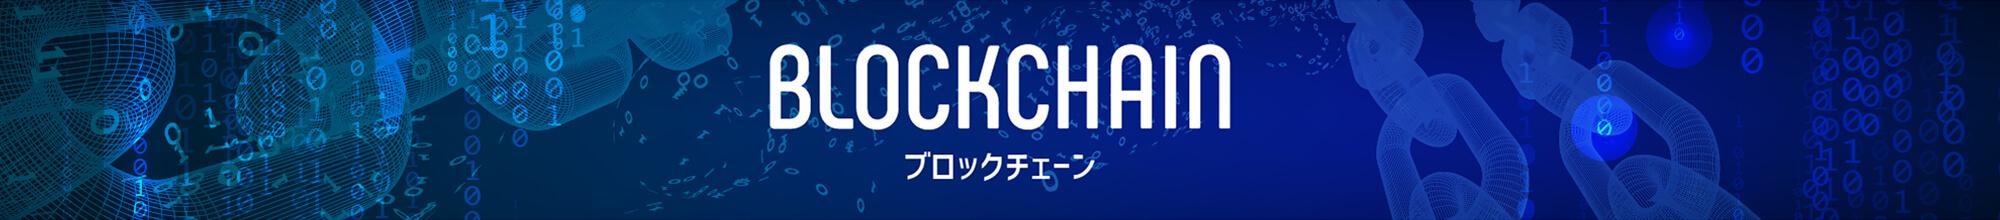 ブロックチェーン関連の最新ニュース|PAGE-2